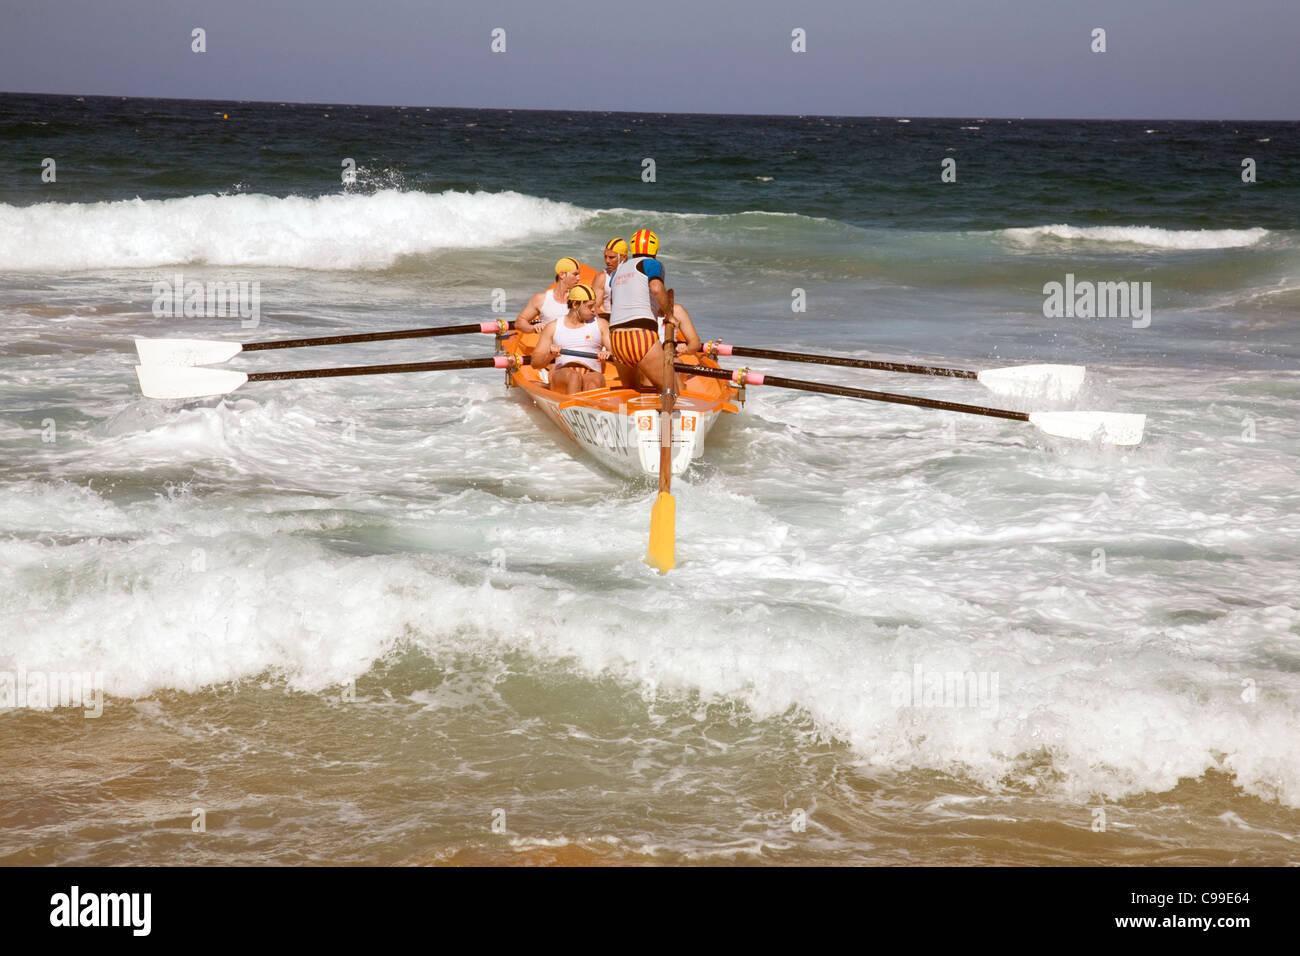 Equipaggio di un tradizionale australiana scialuppe di salvataggio di surf a remi in barca in una gara al largo Immagini Stock